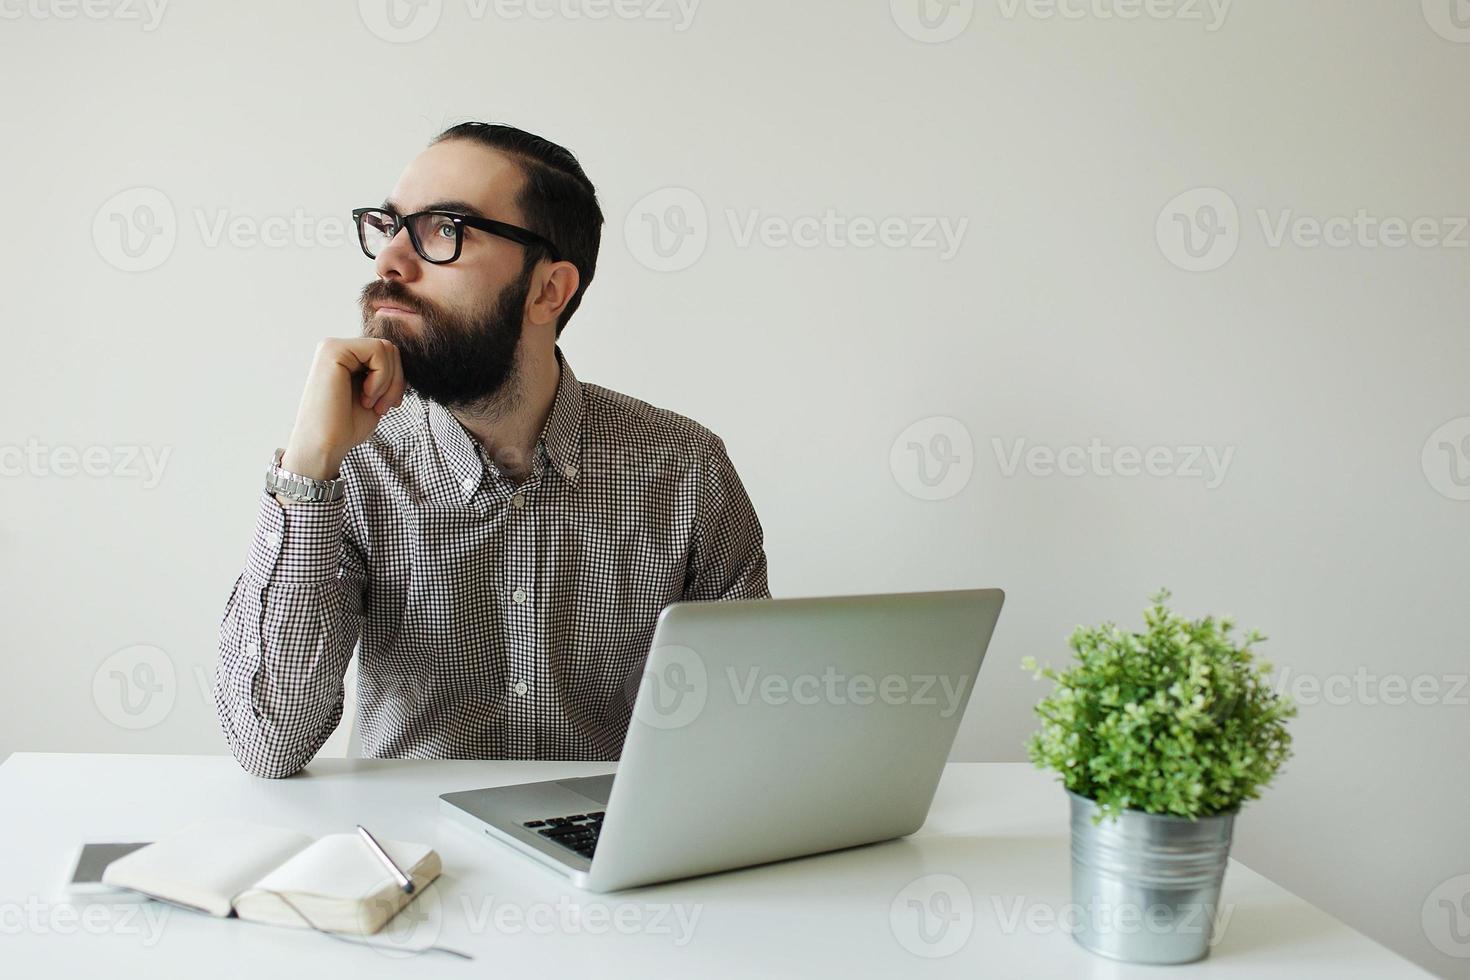 beschäftigter Mann mit Bart in der Brille, die mit Laptop, Smartphone denkt foto